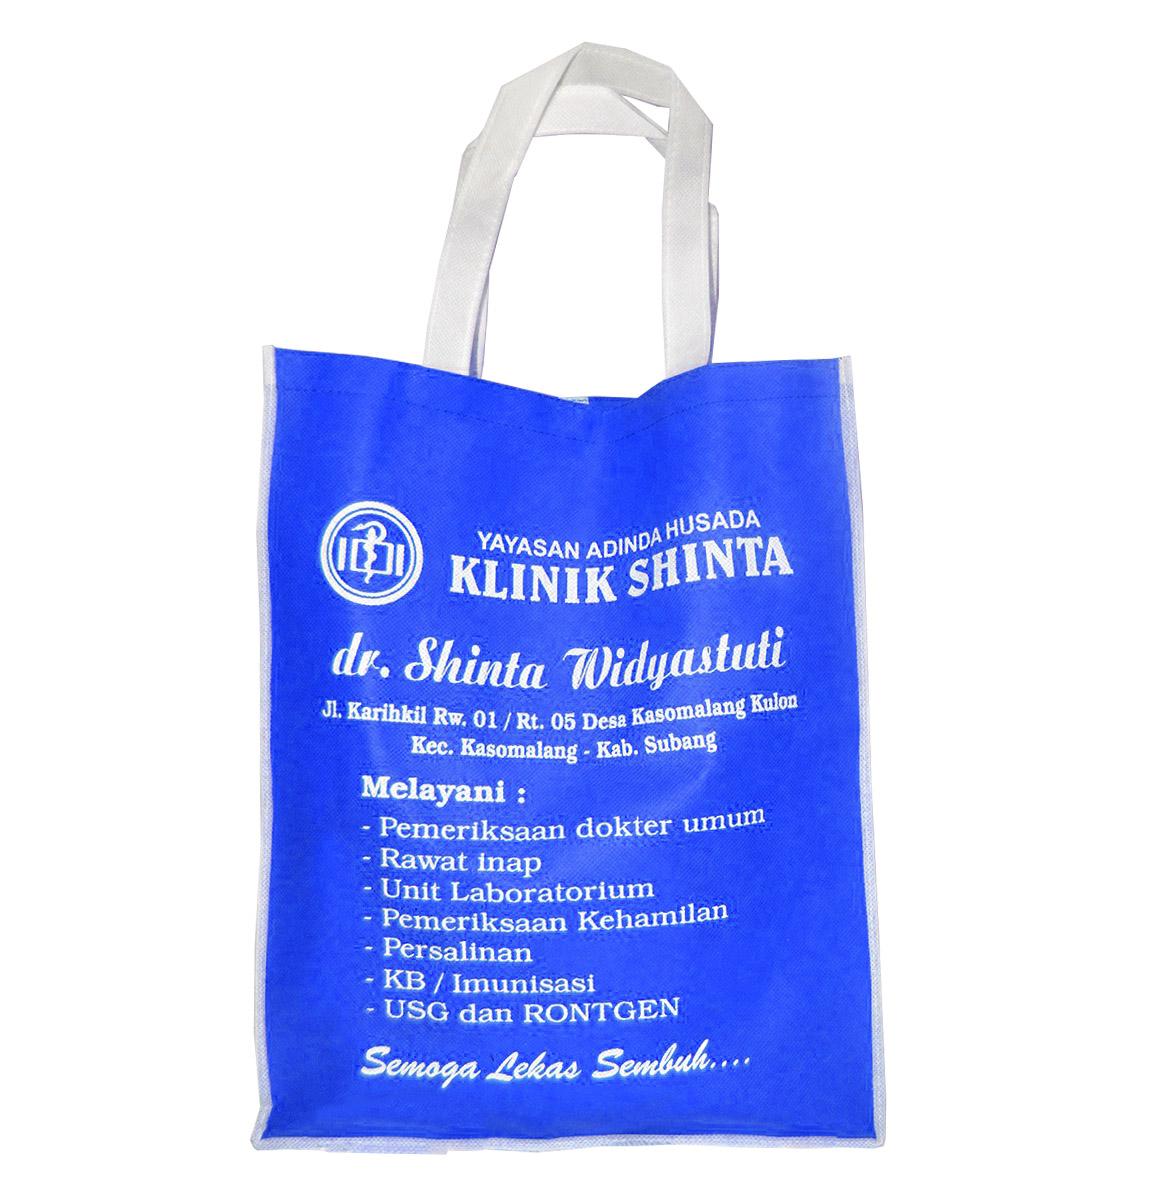 Tas Klinik Shinta bahan Spunbond